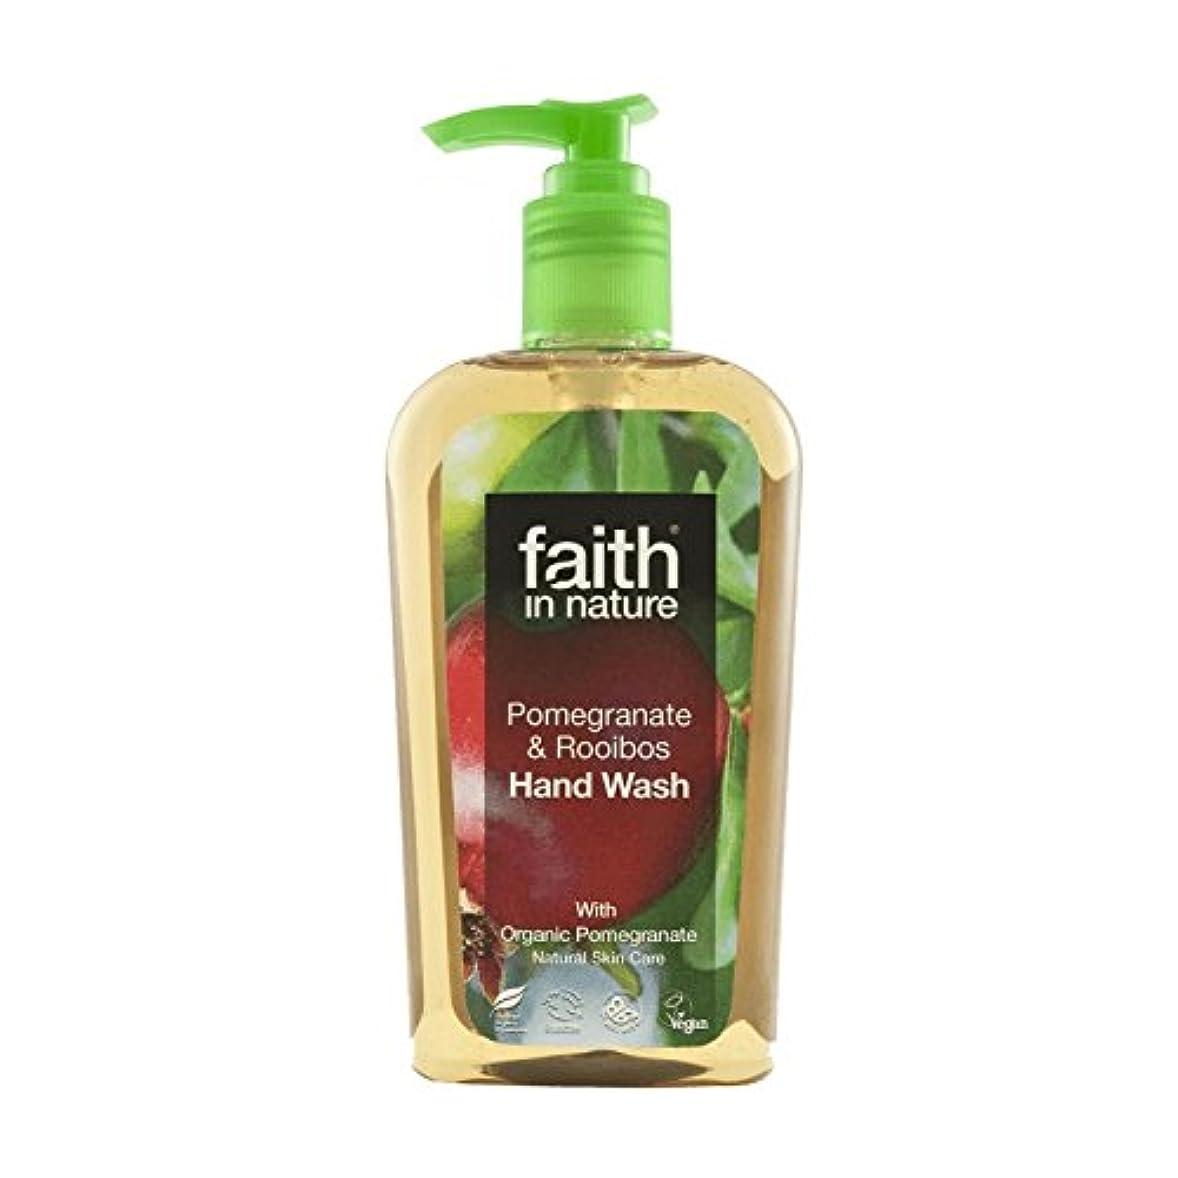 苦悩概してかき混ぜる自然ザクロ&ルイボス手洗いの300ミリリットルの信仰 - Faith In Nature Pomegranate & Rooibos Handwash 300ml (Faith in Nature) [並行輸入品]